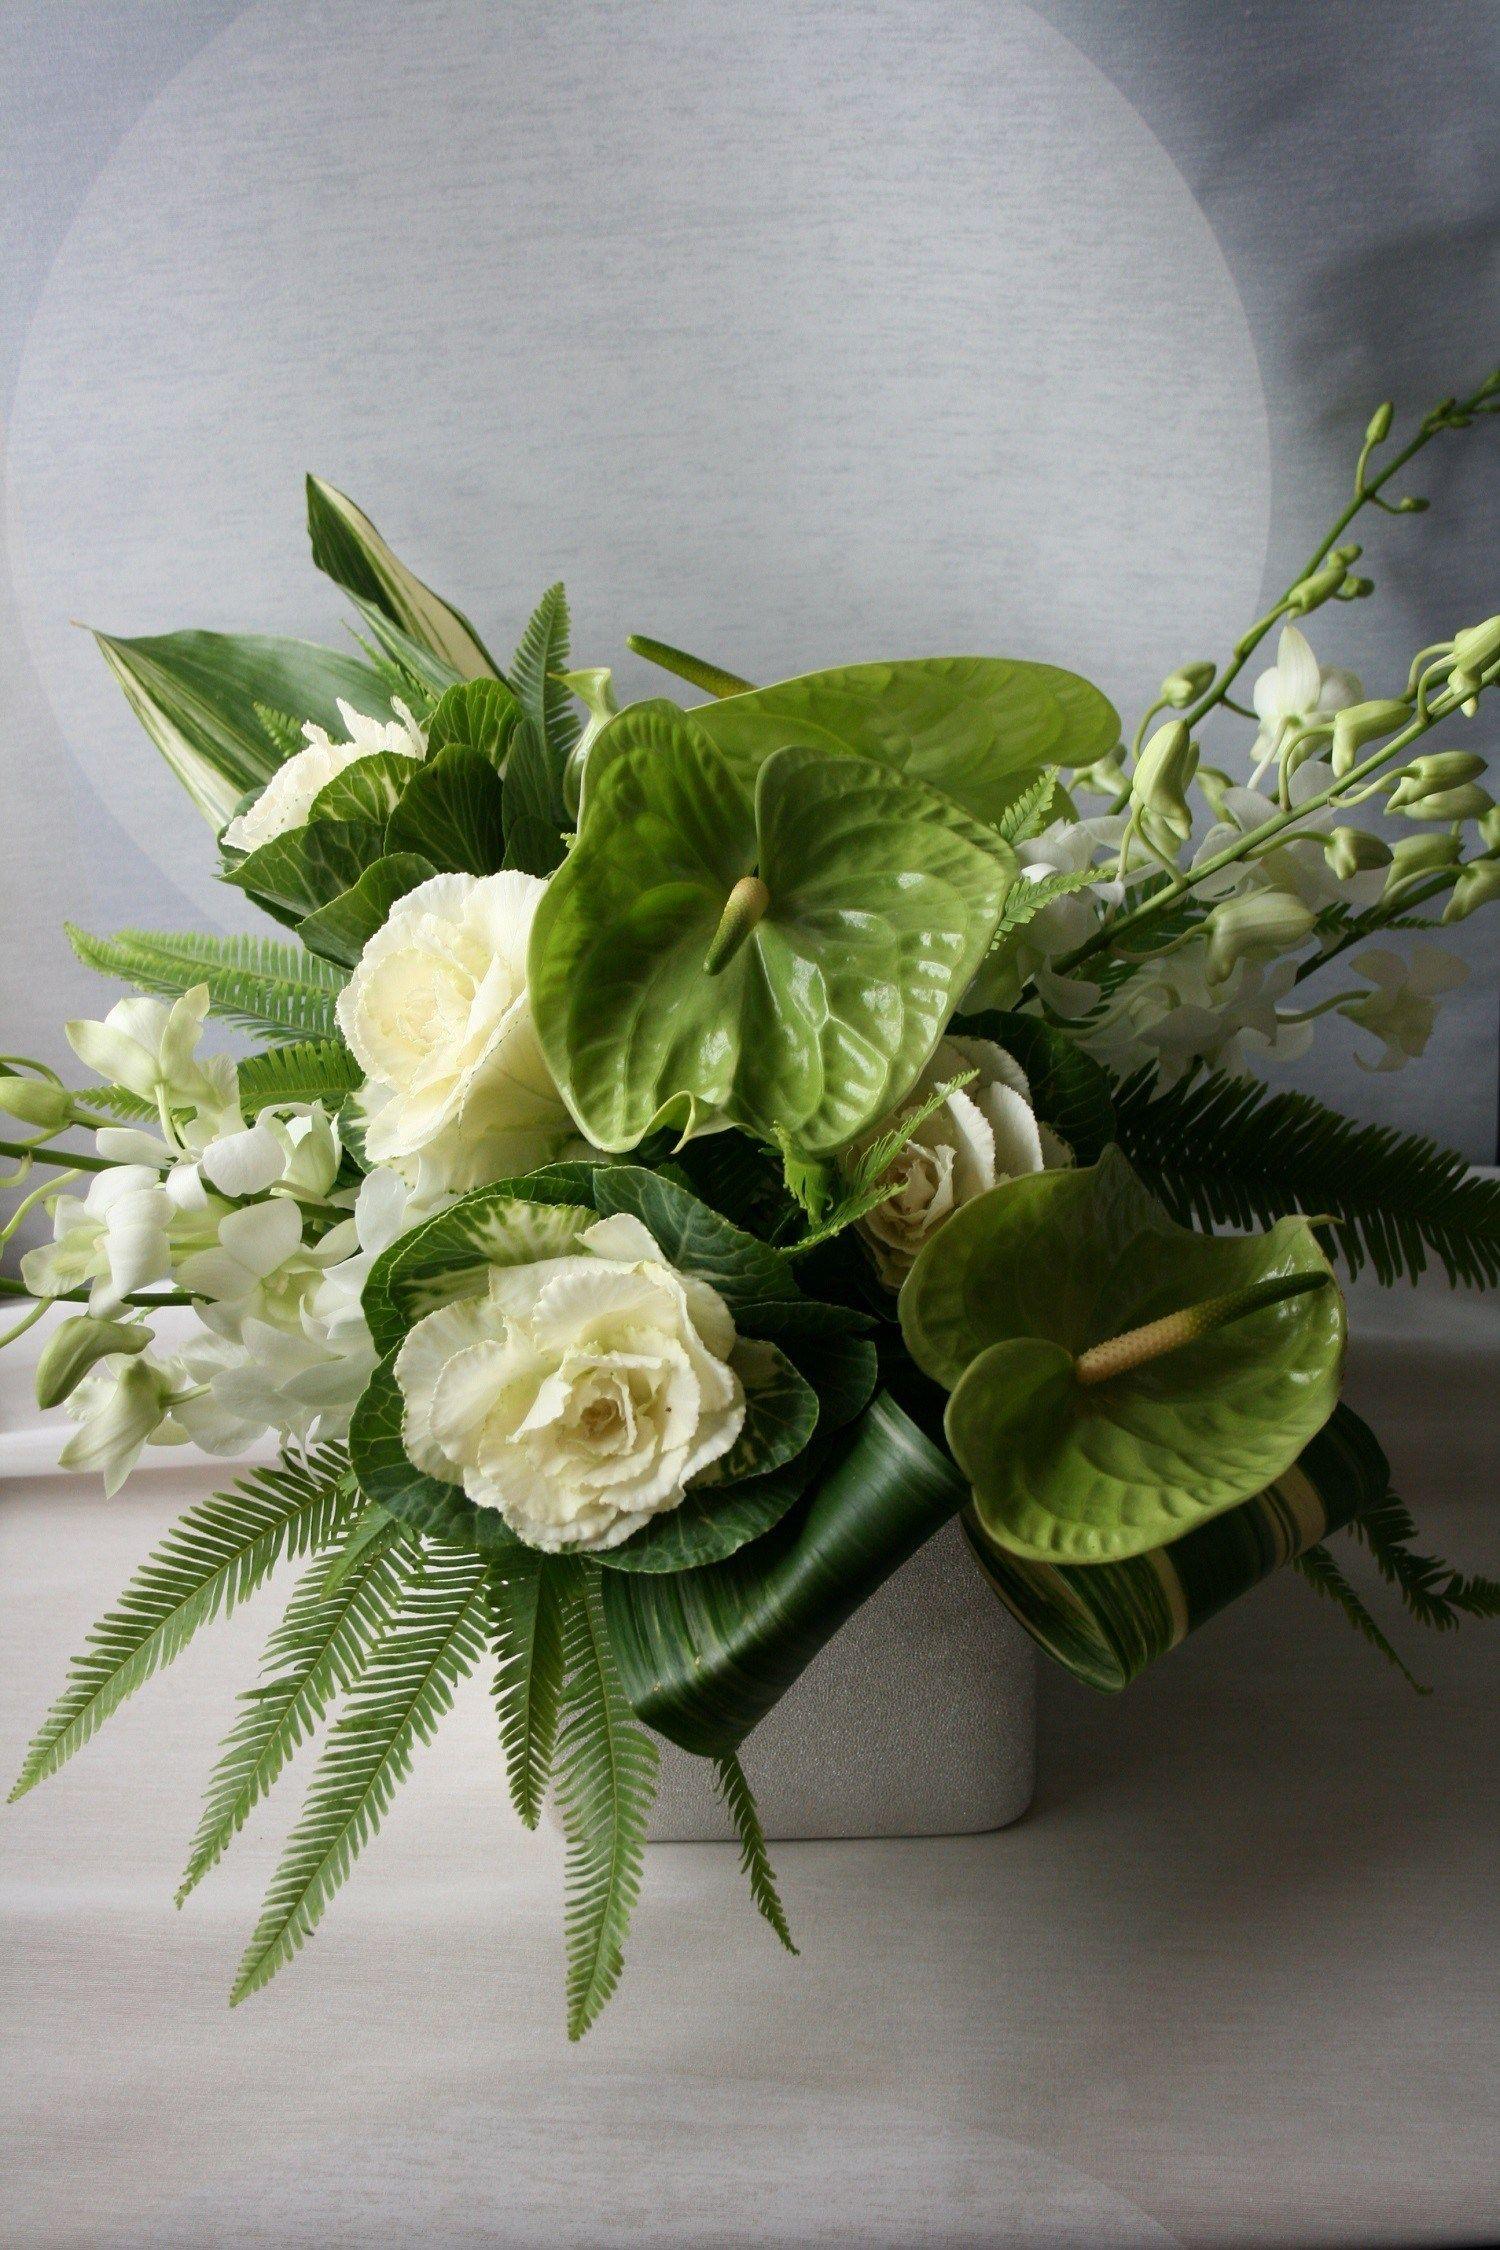 White And Green Flower Arrangements Anthurium Flower Arrangement Tropical Flower Arrangements Wedding Hydrangea Flower Arrangements Unique Flower Arrangements